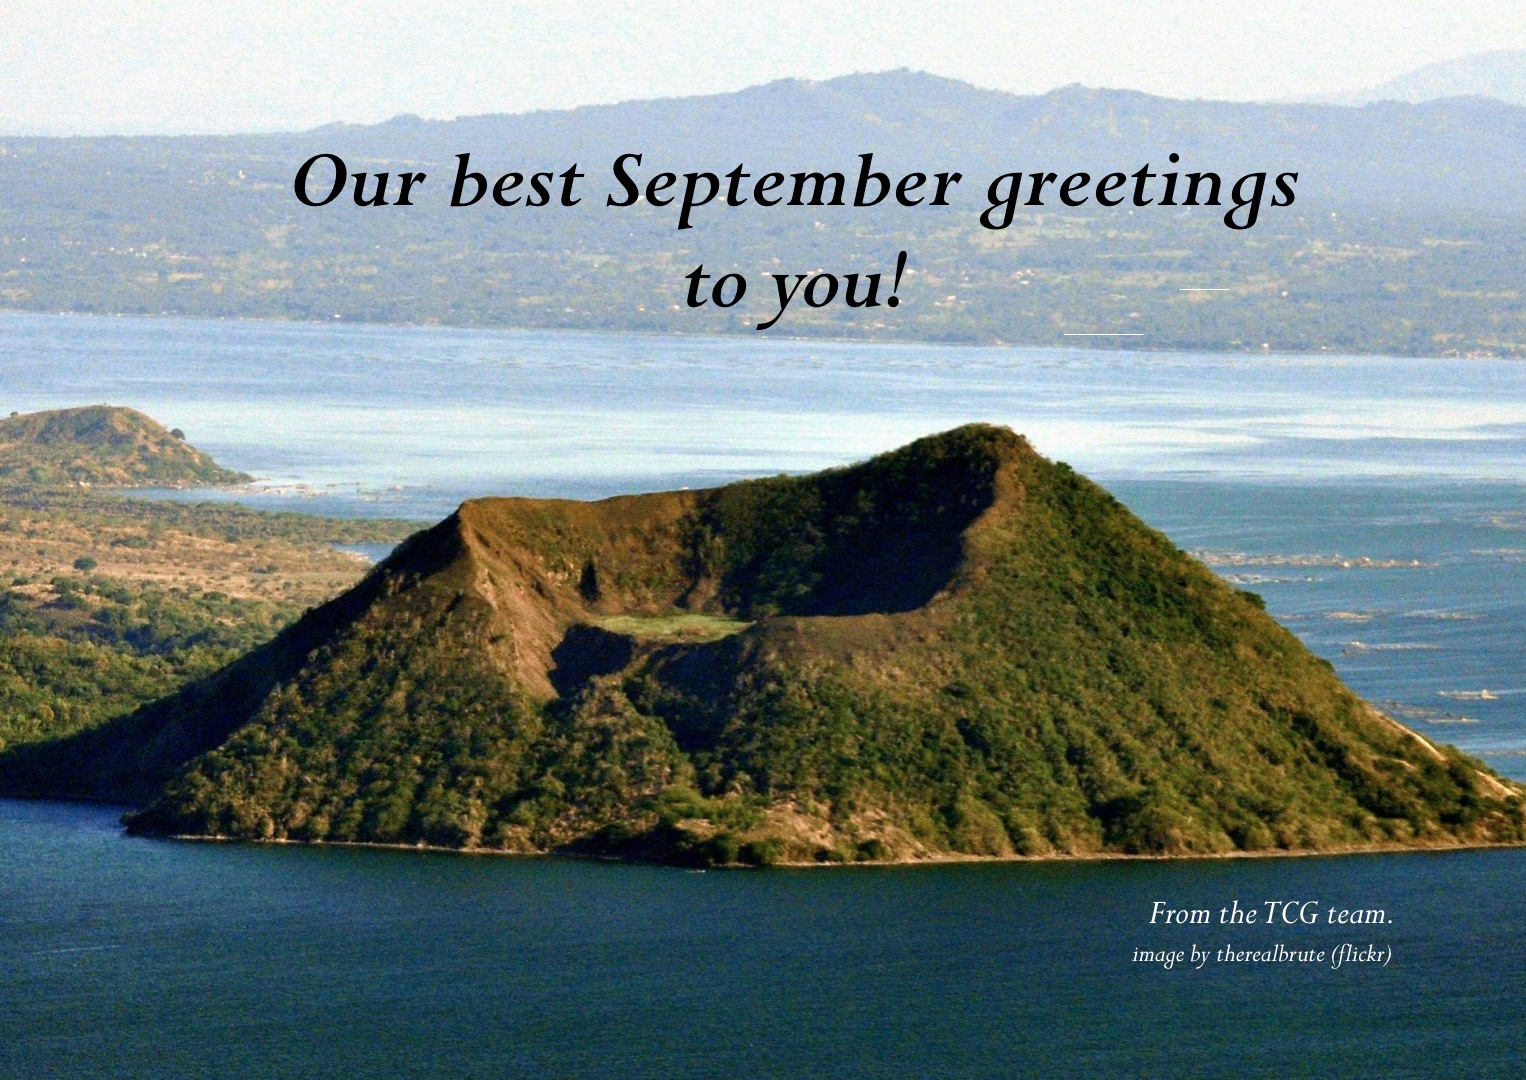 TCG Newsletter 2020 September greetings